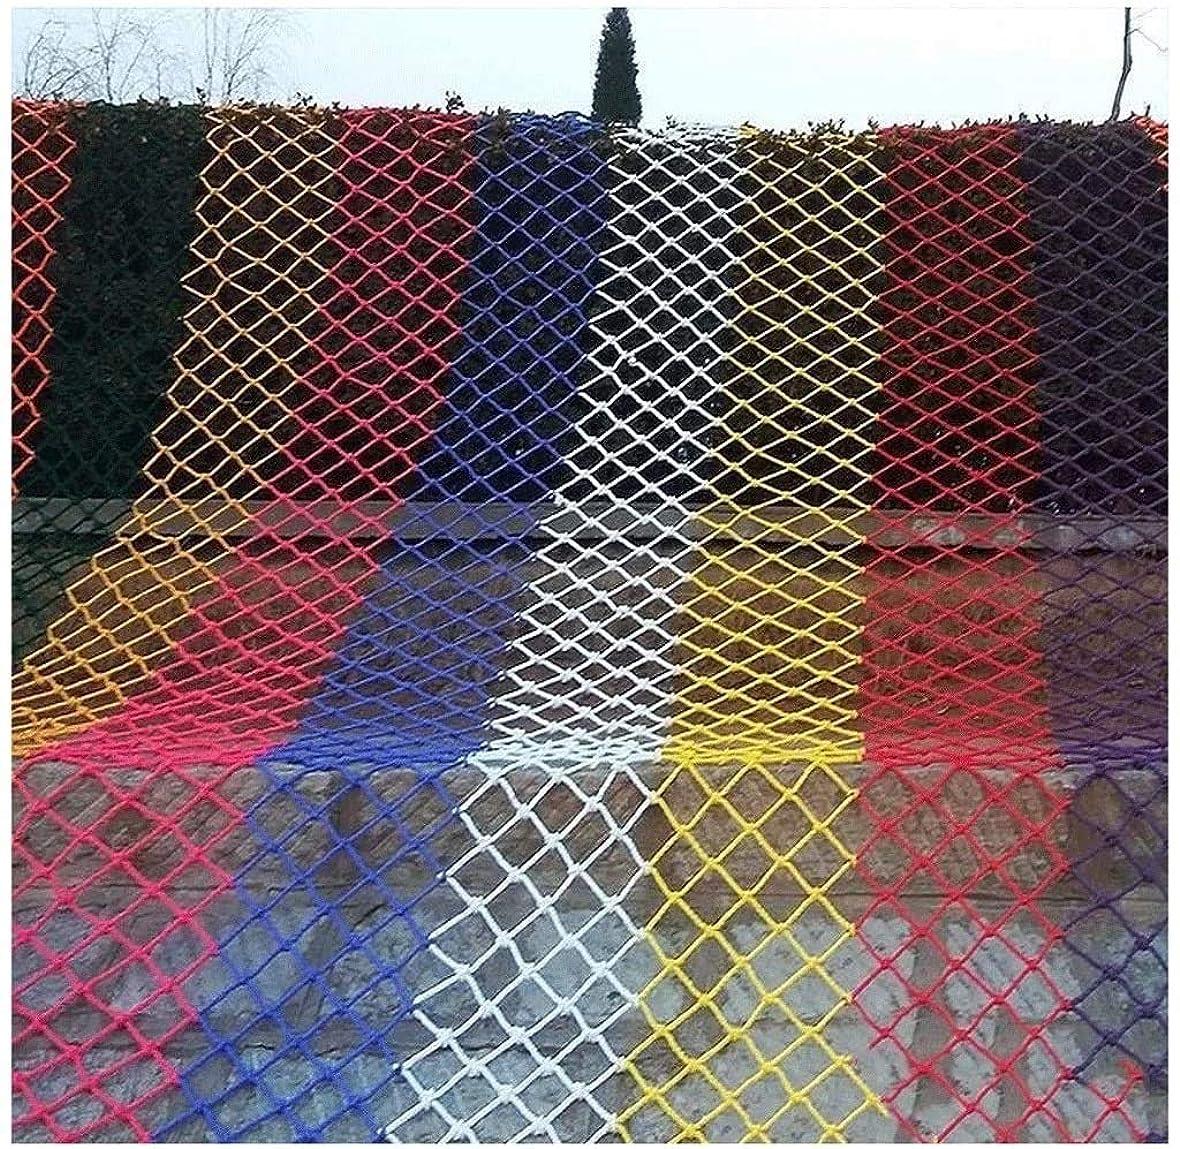 吸収劇場十6色 アウター?ロープ 防護網 日除け網 縄の網 防鳥網 階段の家庭装飾 家庭の保護 ペット保護 商品の保護 安全装飾 工事現場の防護 多用途多機能 (Color : Yellow, Size : 3*10m)